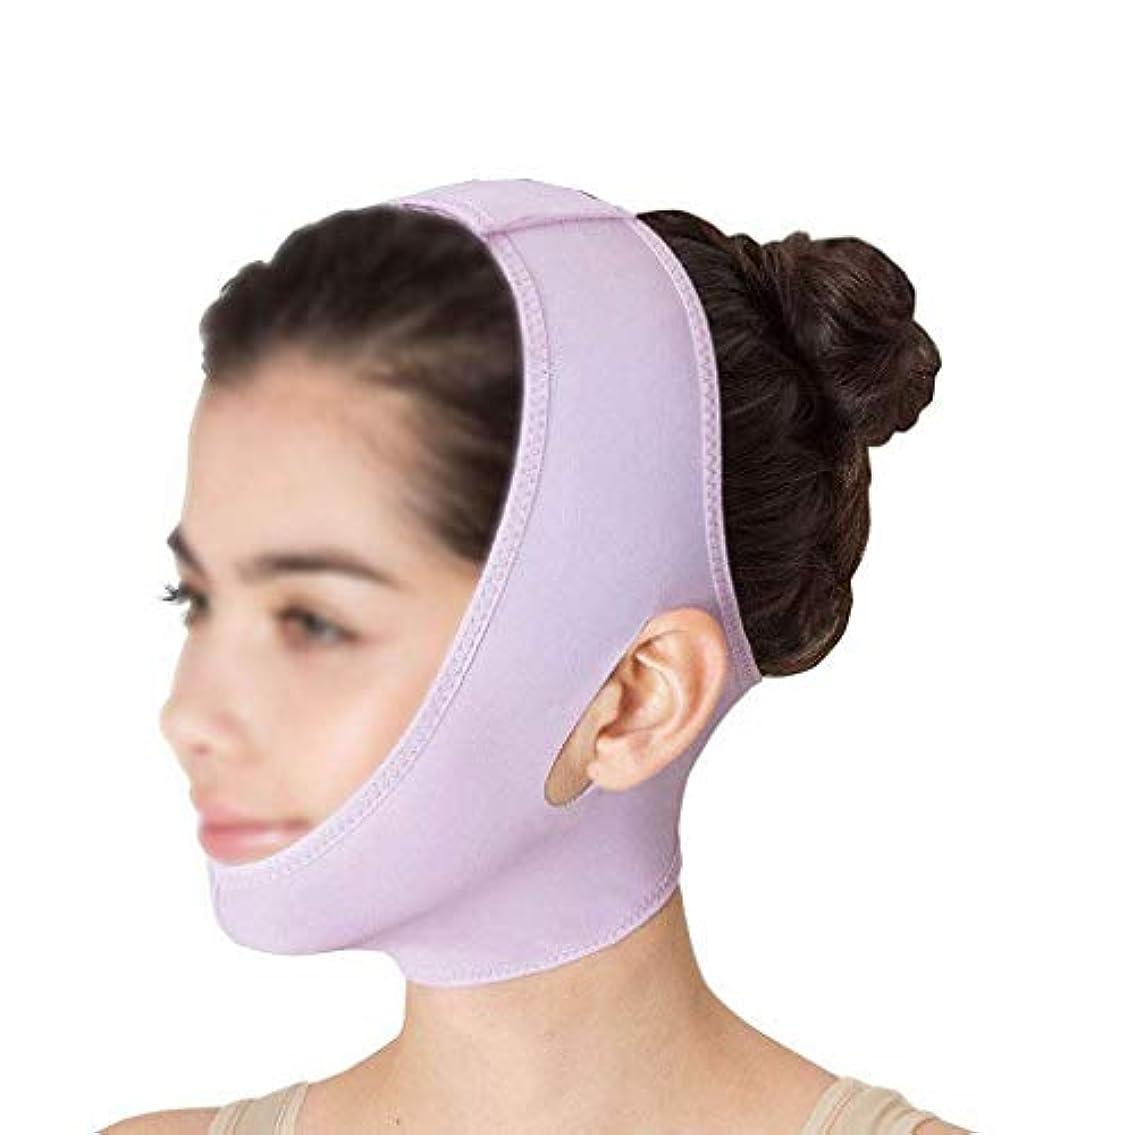 量でナプキン餌薄いフェイスマスク ビームフェイス、薄いダブルチンでスリーピングマスクの下の頬を防ぎ、小さなVフェイスを作成